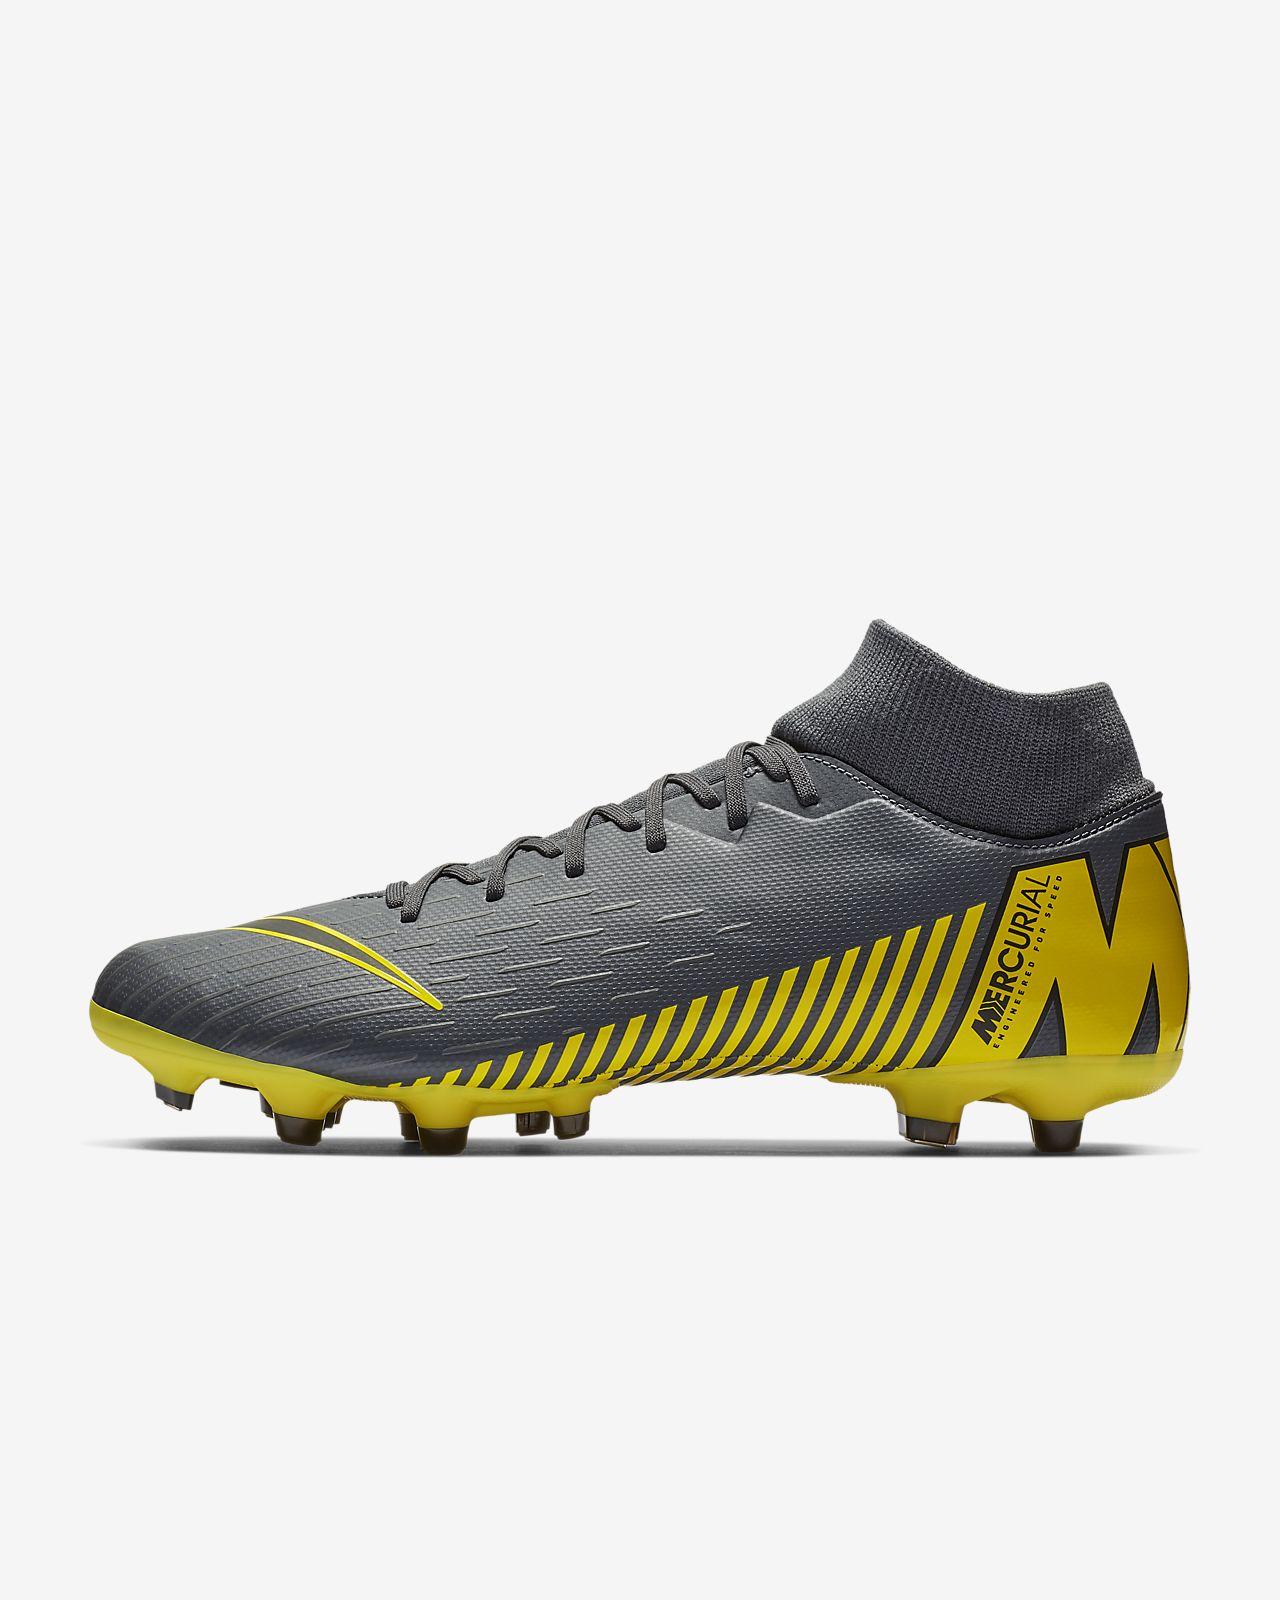 Nike Mercurial Superfly 6 Academy MG többféle talajra készült stoplis  futballcipő c8a1a1f4d0